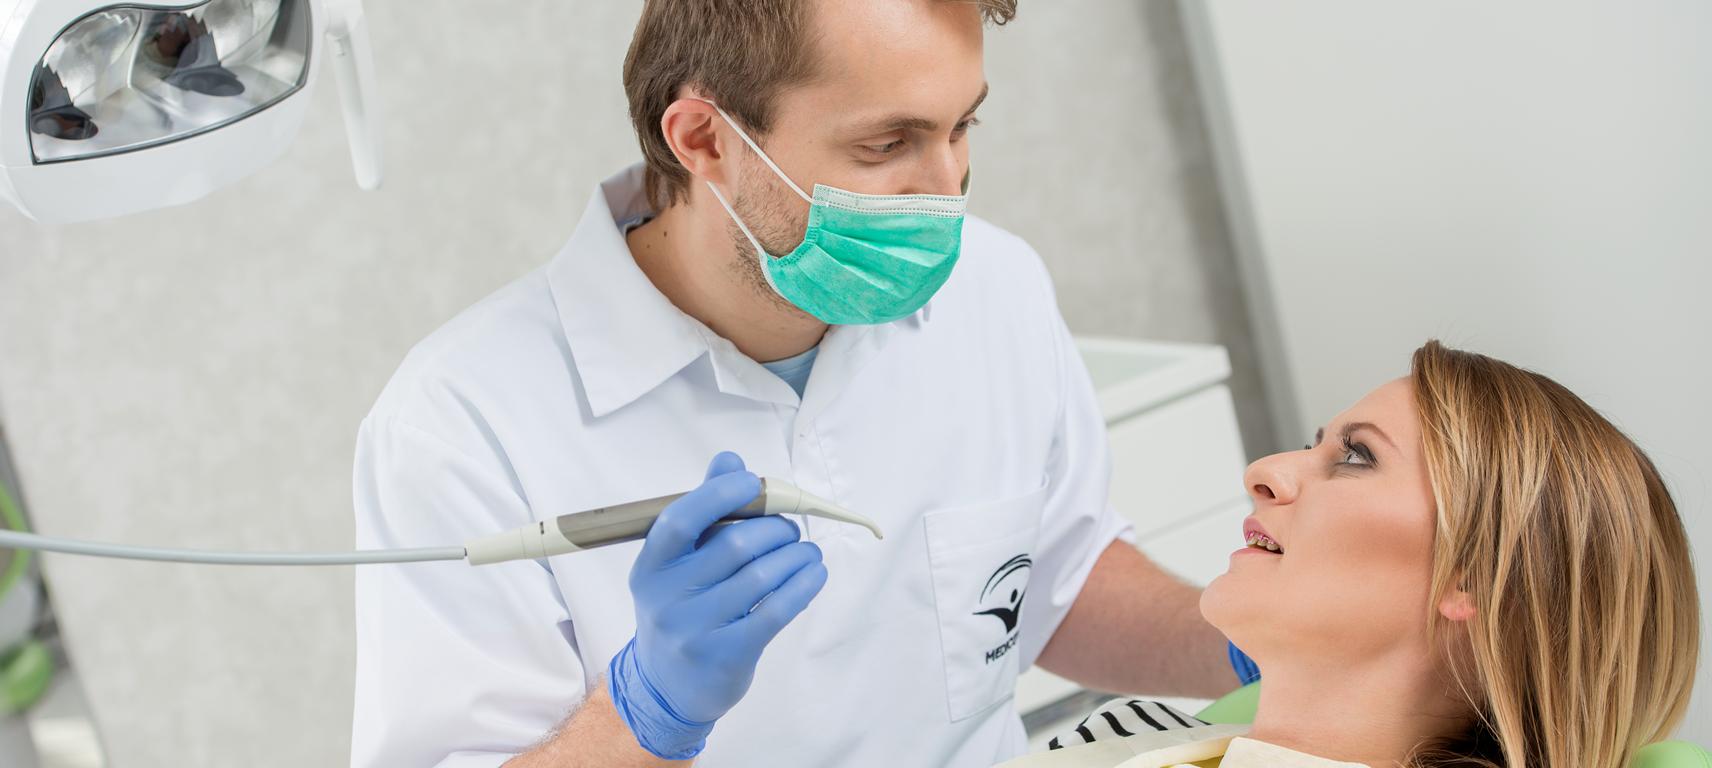 Grupa Medicover rozwija specjalistyczną opiekę stomatologiczną